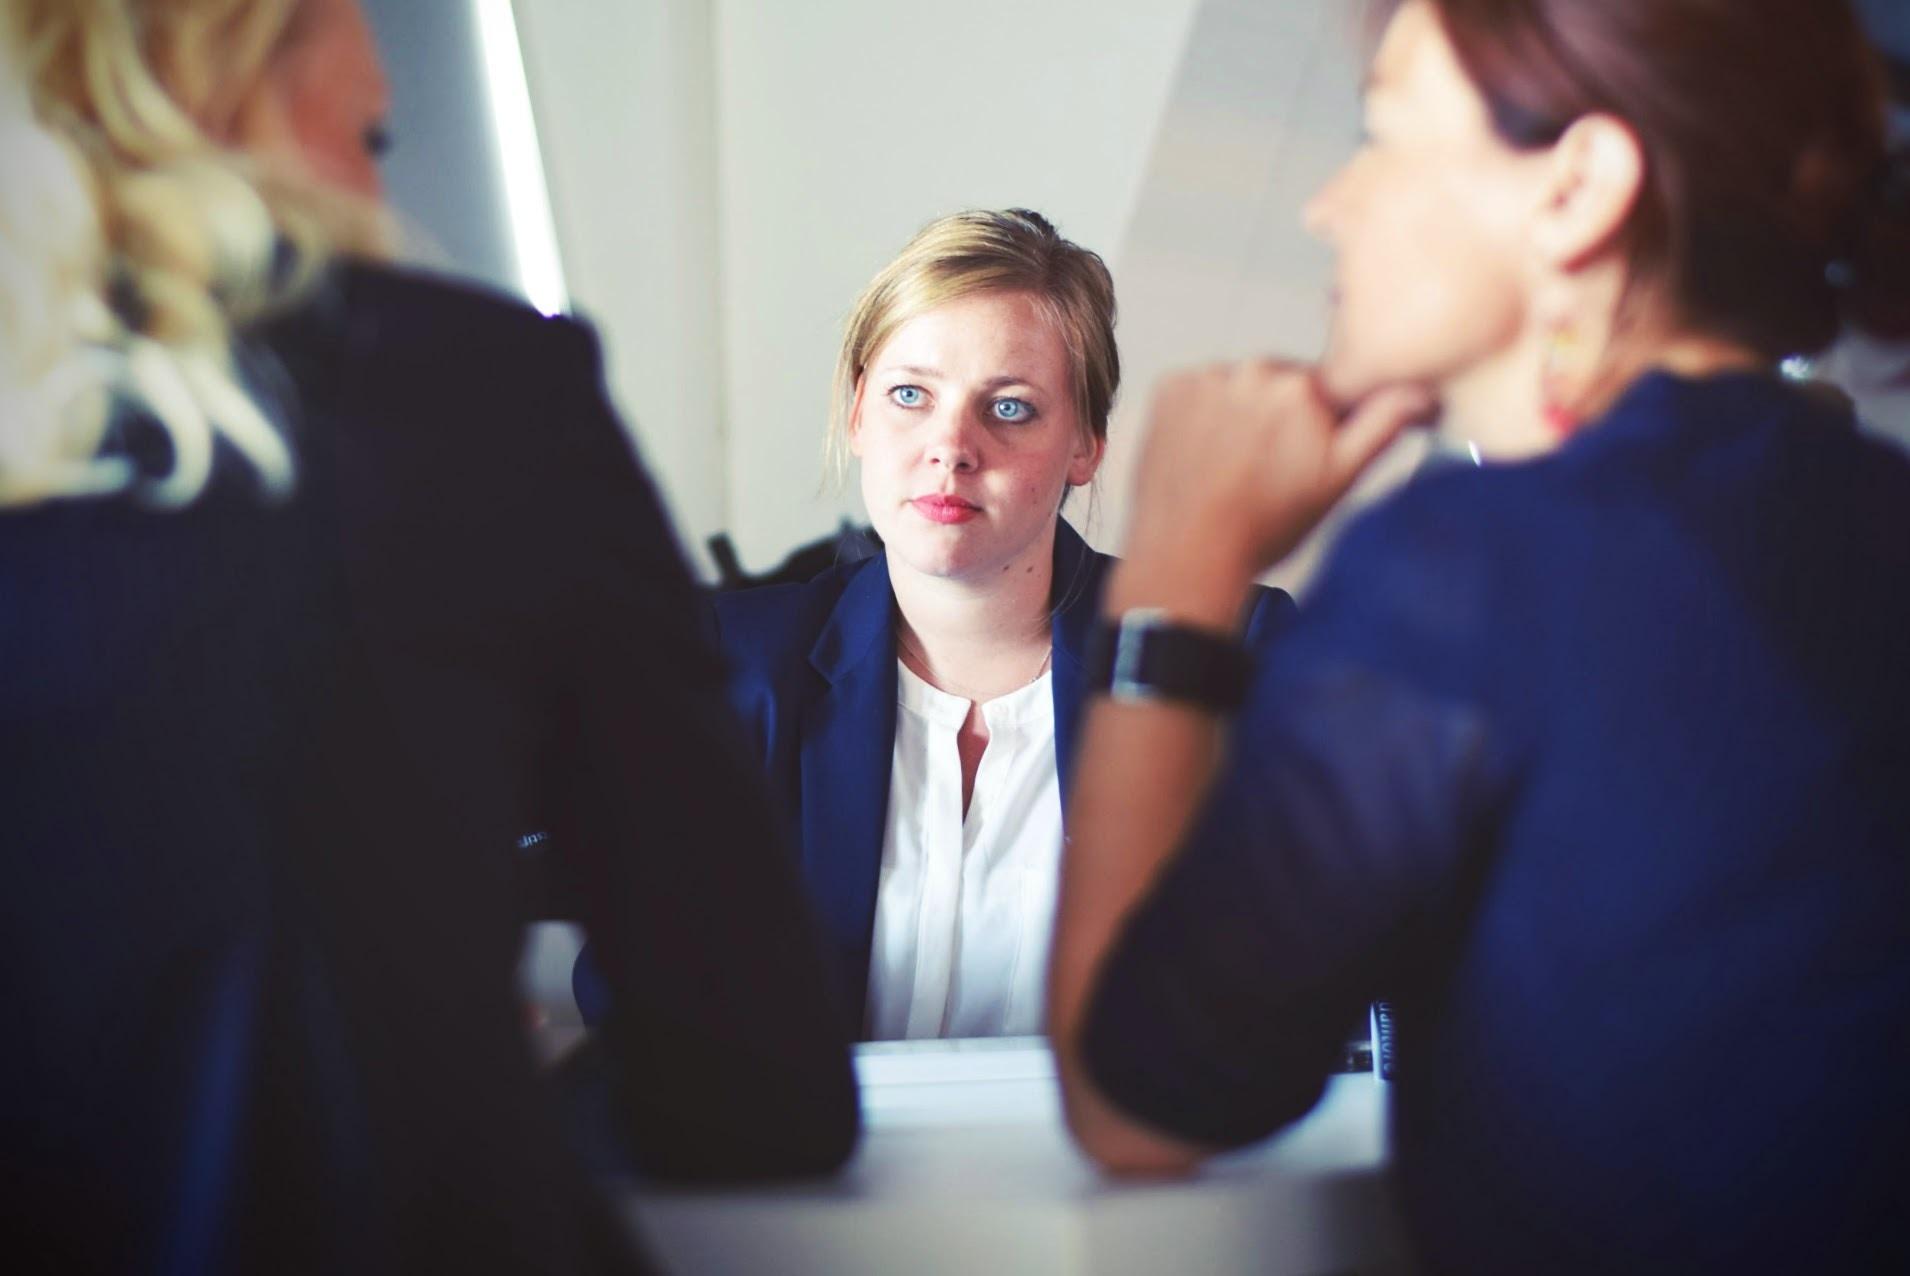 3 businesswomen